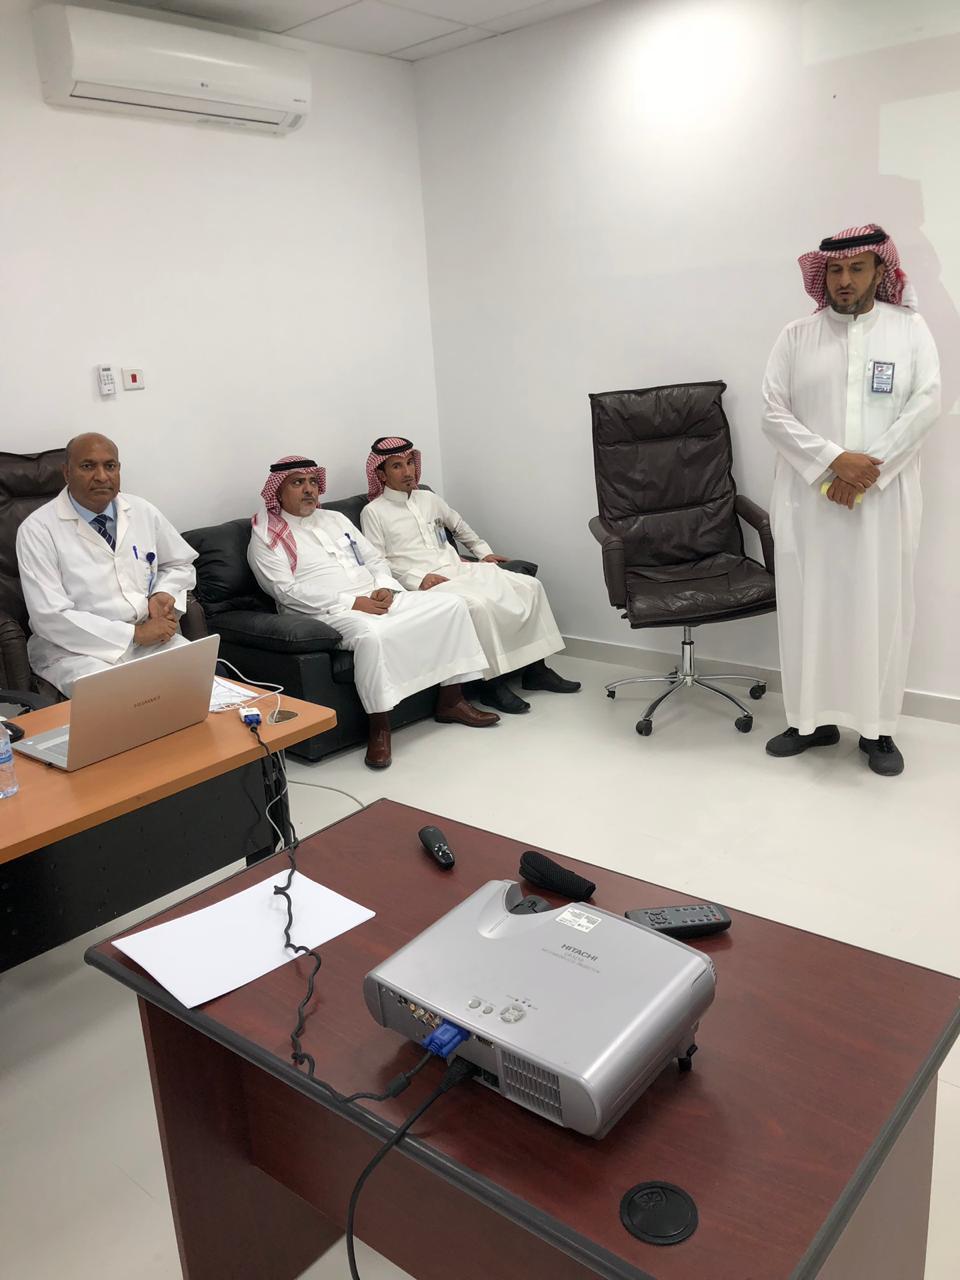 """الصحة العامة بمستشفى بريدة المركزي تنظم دورة تدريبية  في """"تعزيز منهج طب الأسرة"""""""